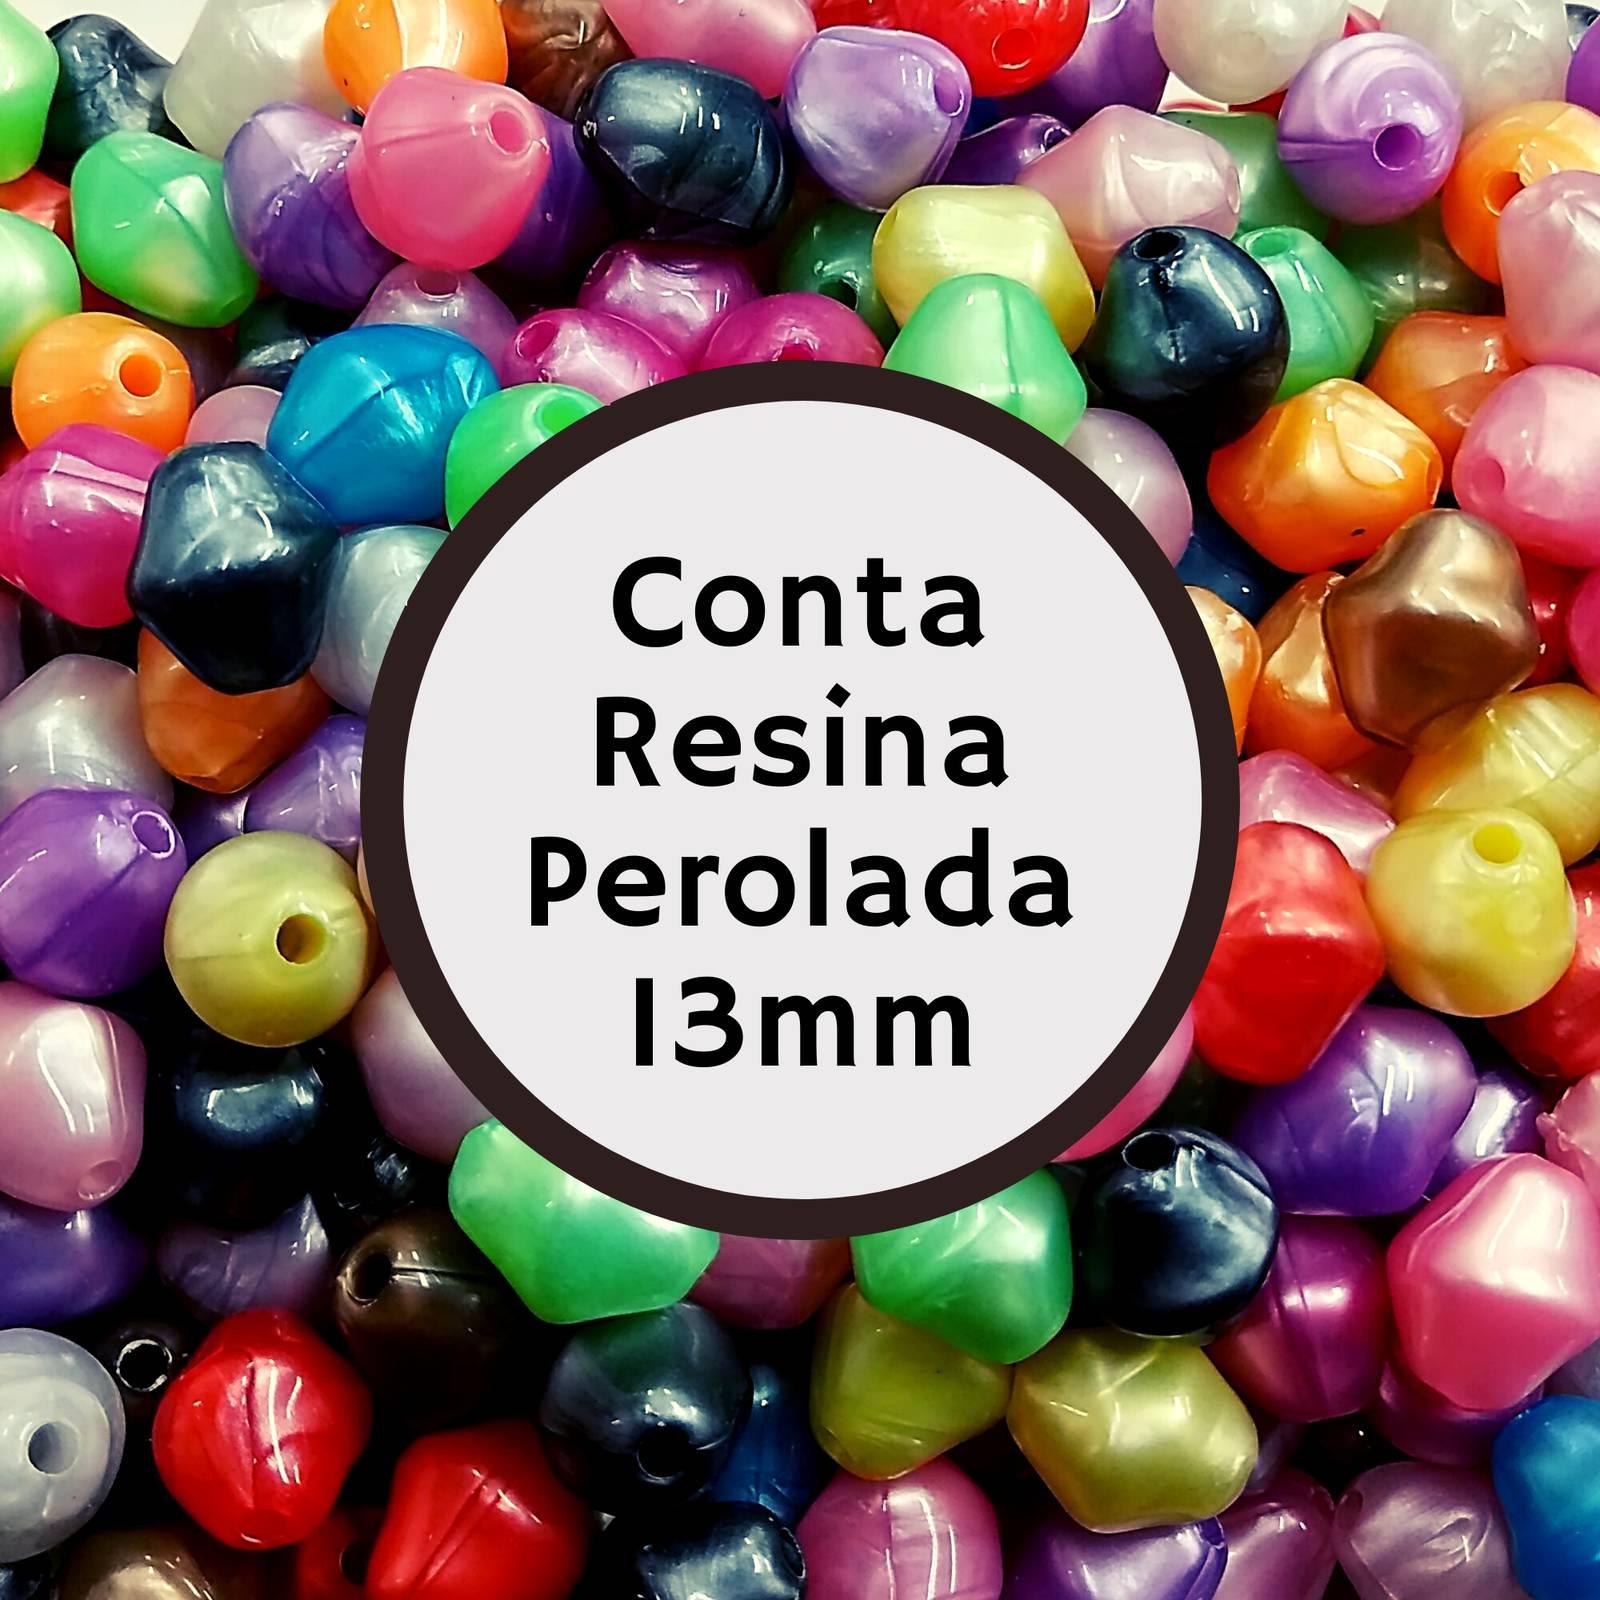 Conta Resina Perolada Leitosa AS 2947 13mm c/500g